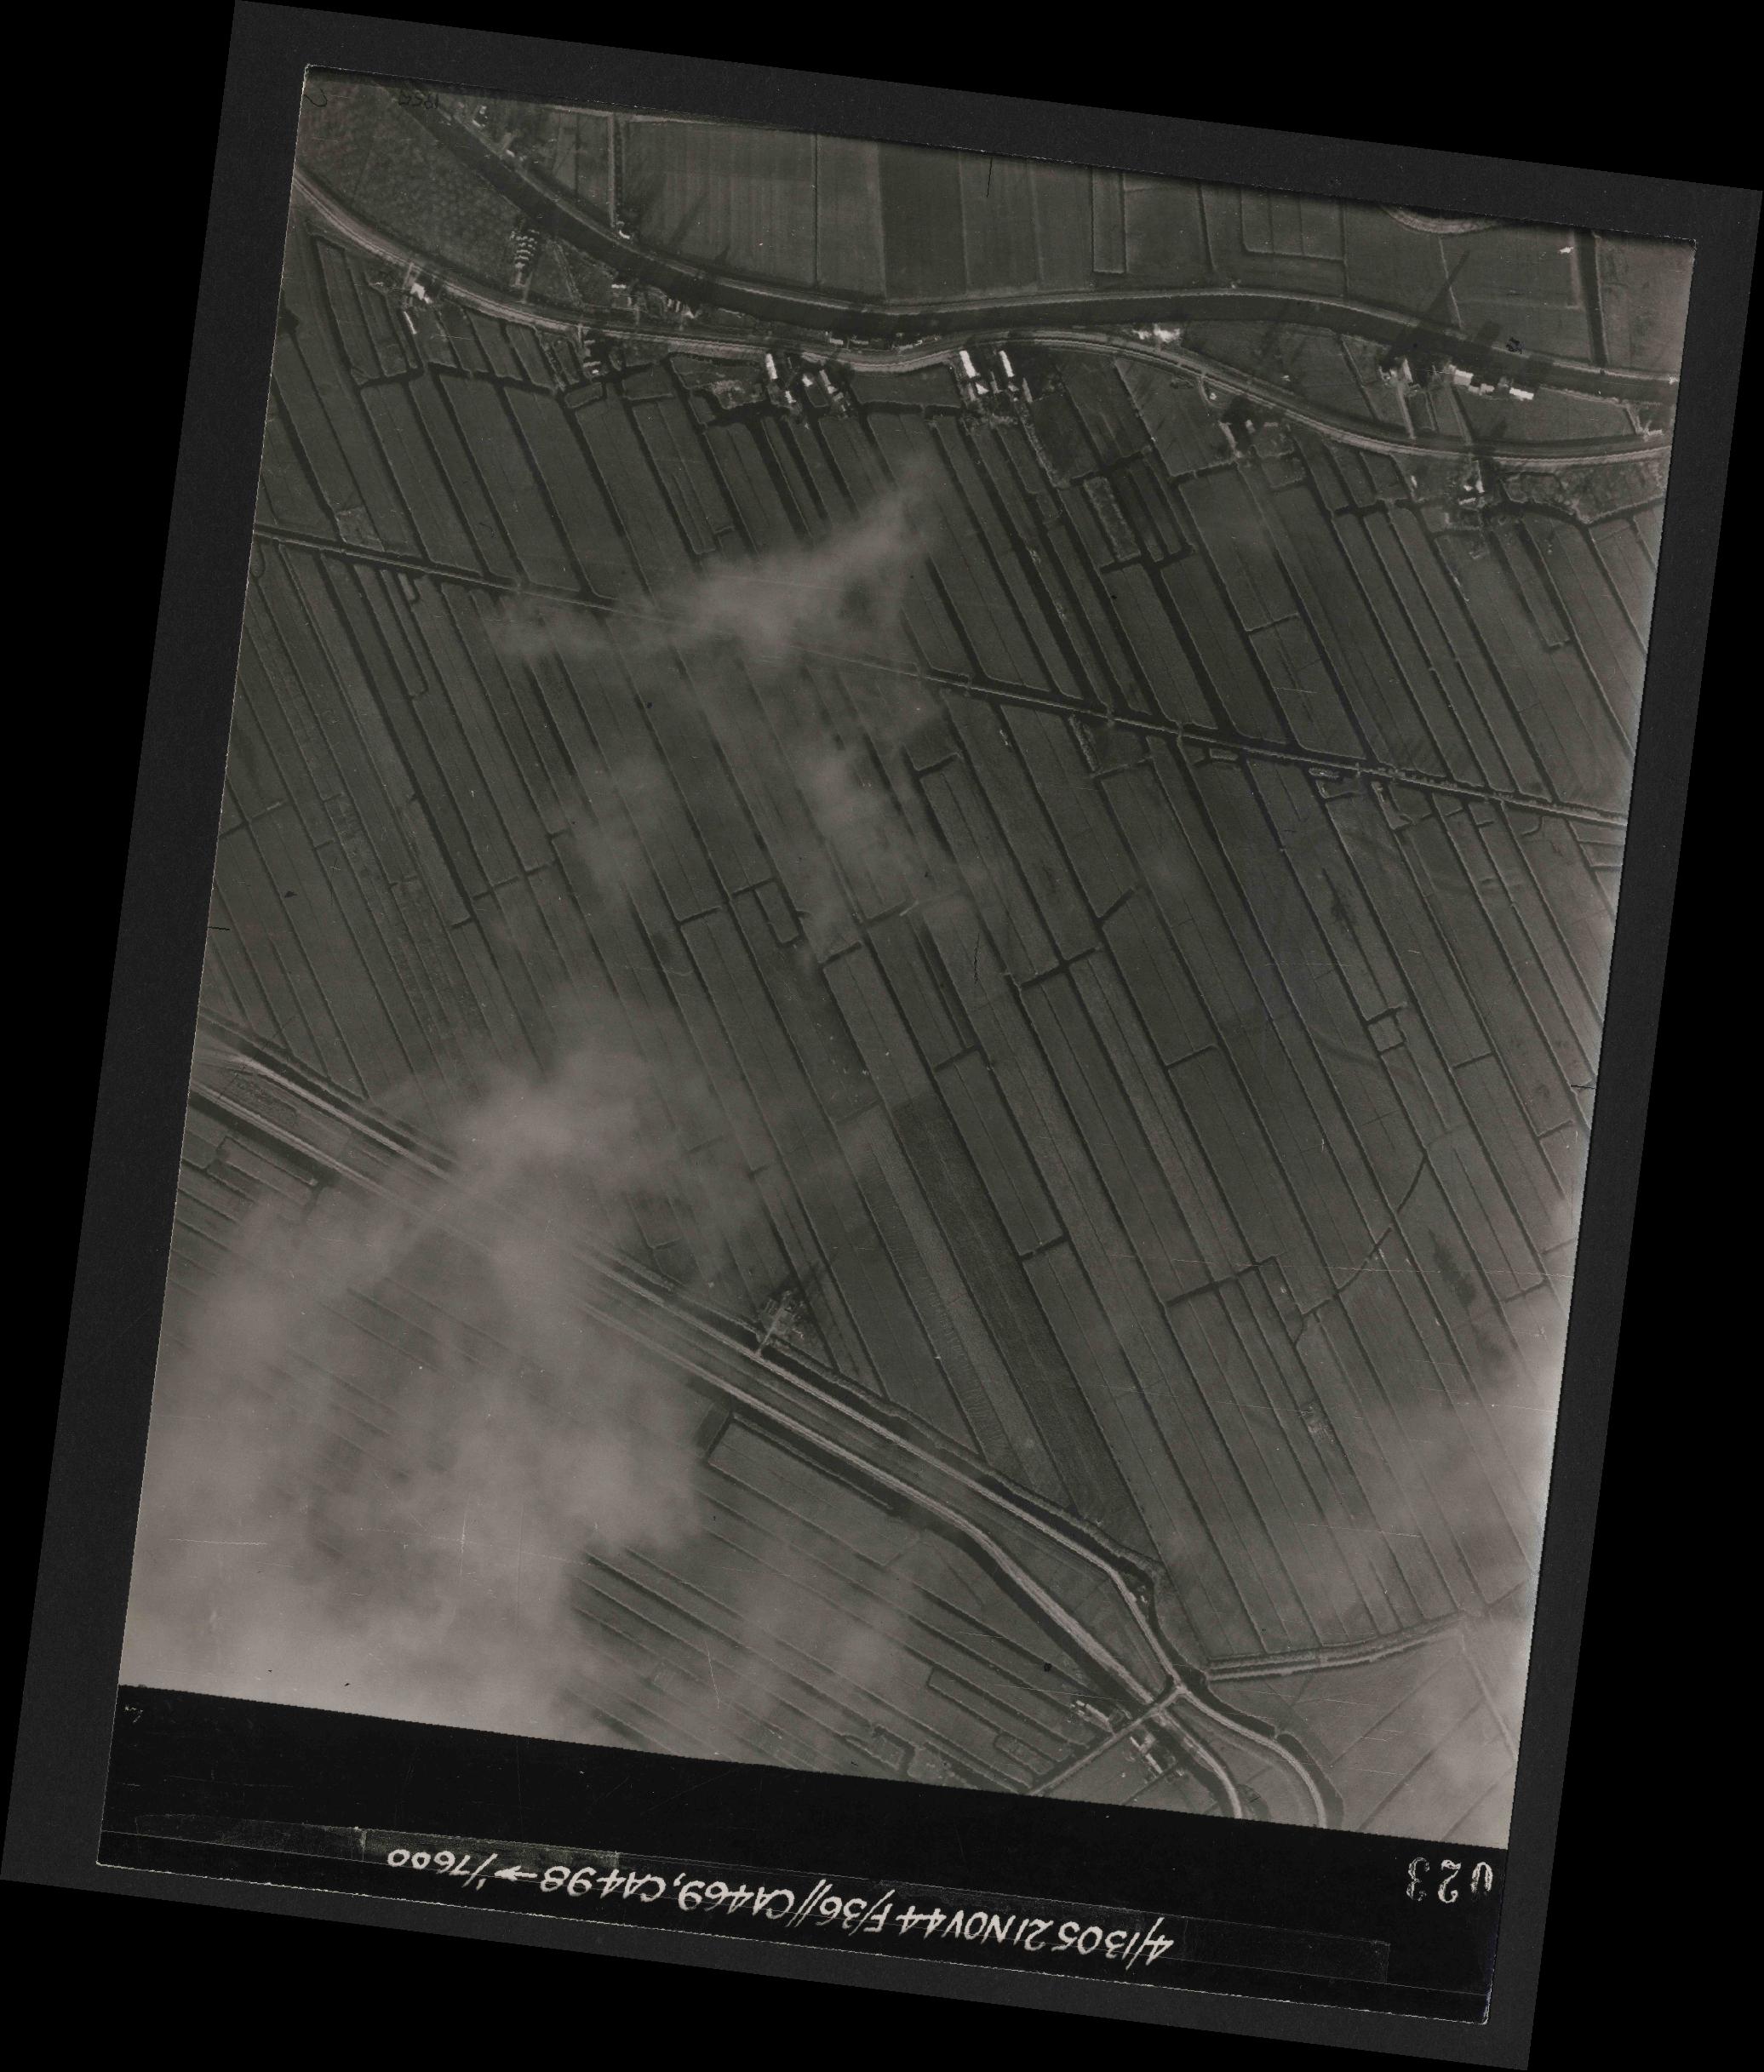 Collection RAF aerial photos 1940-1945 - flight 237, run 14, photo 3023